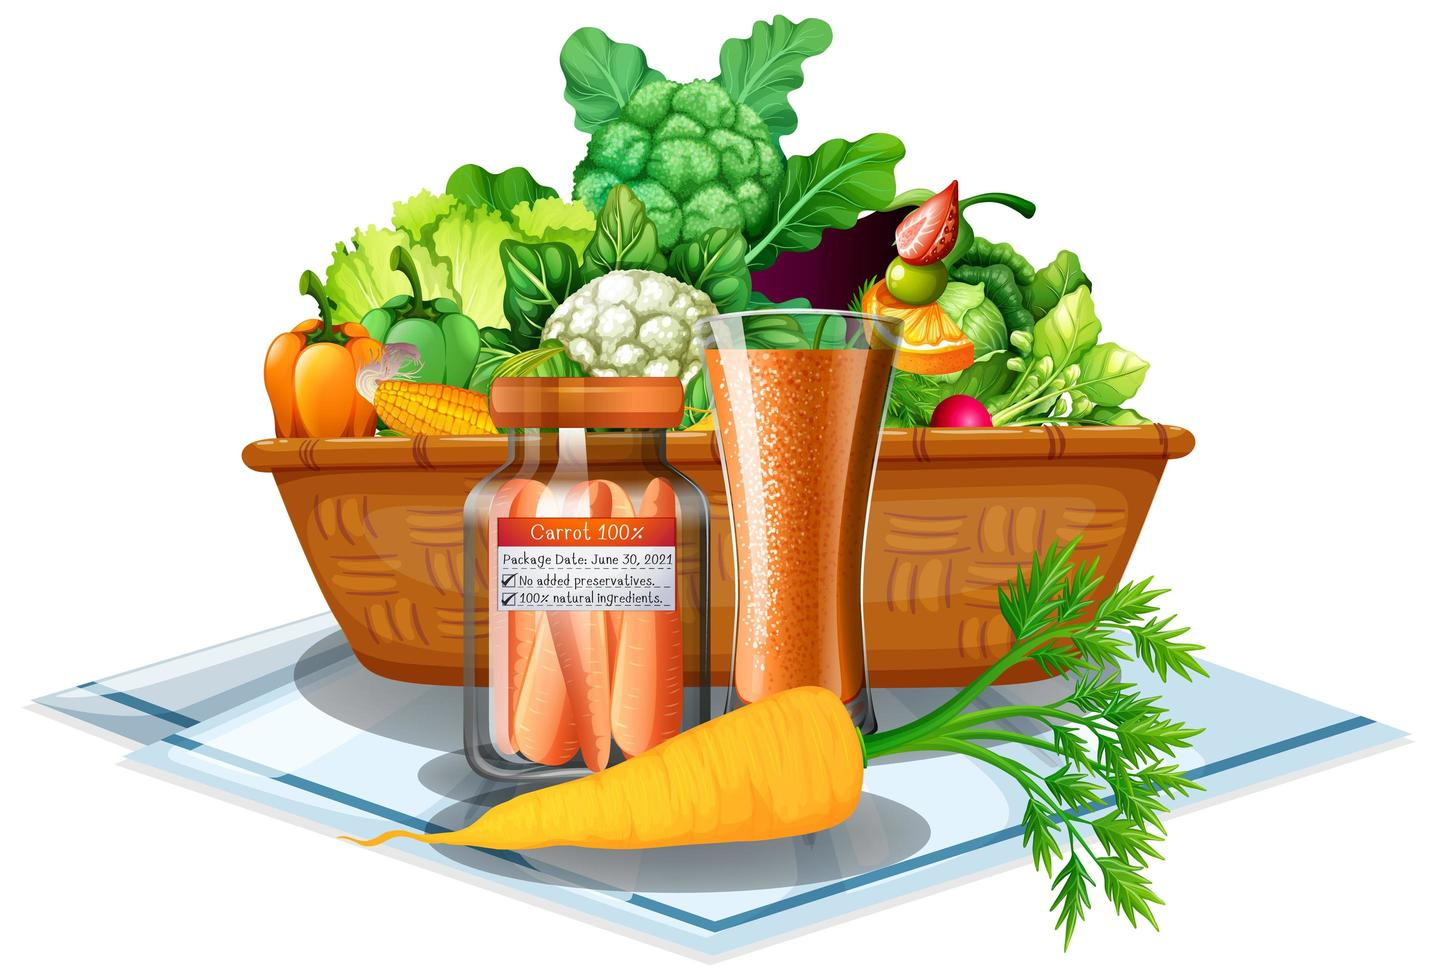 Gemüse und Früchte in einem Korb lokalisiert auf weißem Hintergrund vektor